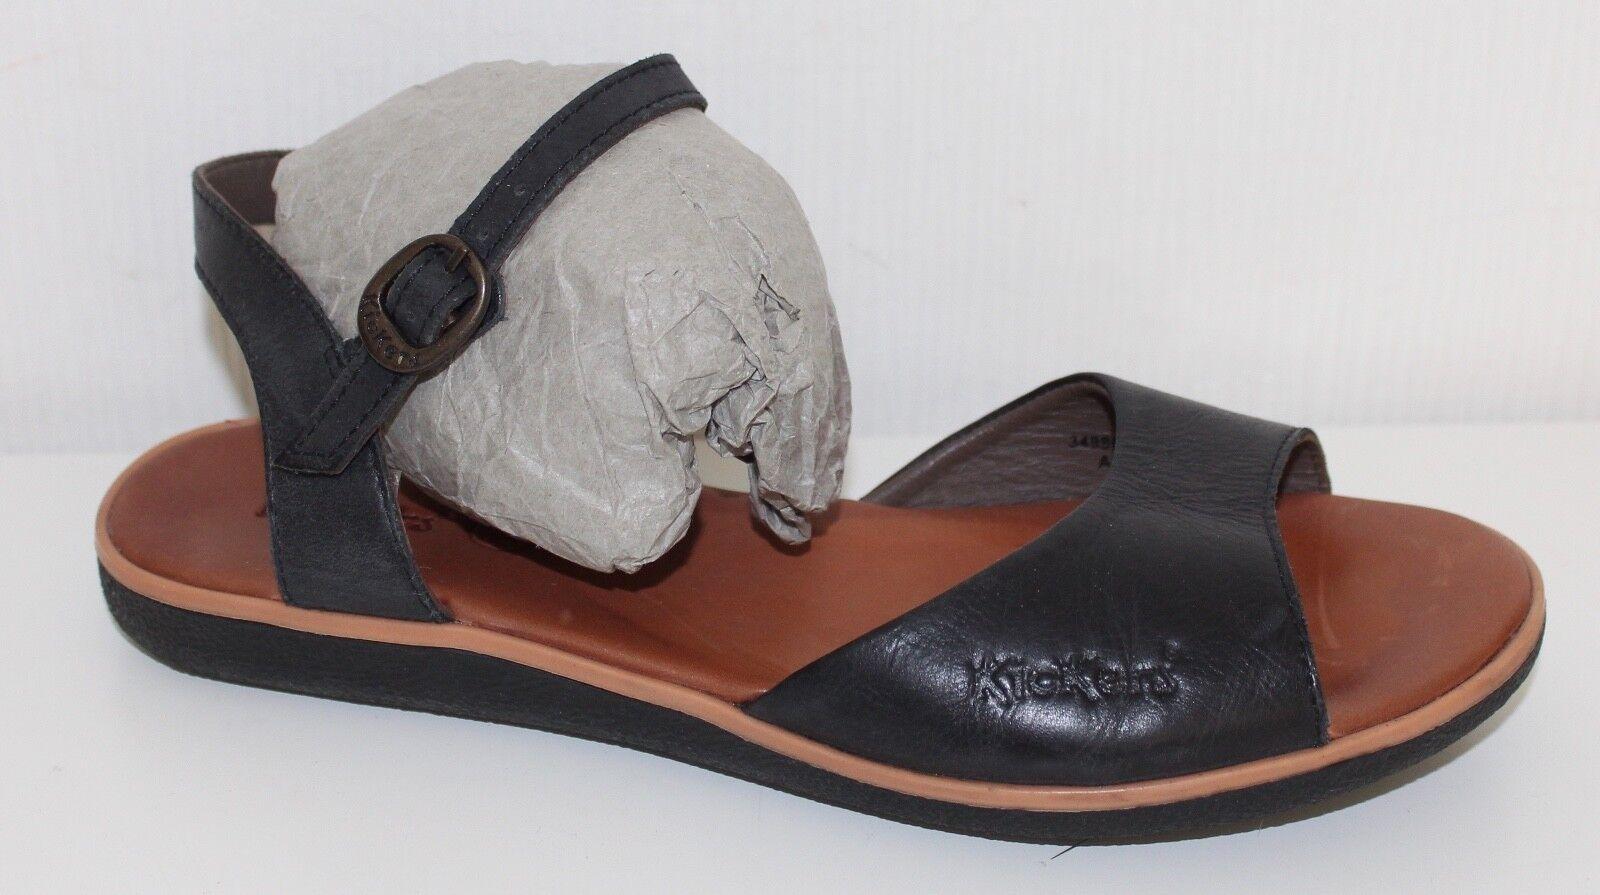 KICKERS femmes en cuir véritable chaussures sandales taille 37 neuve leather sandals uk4